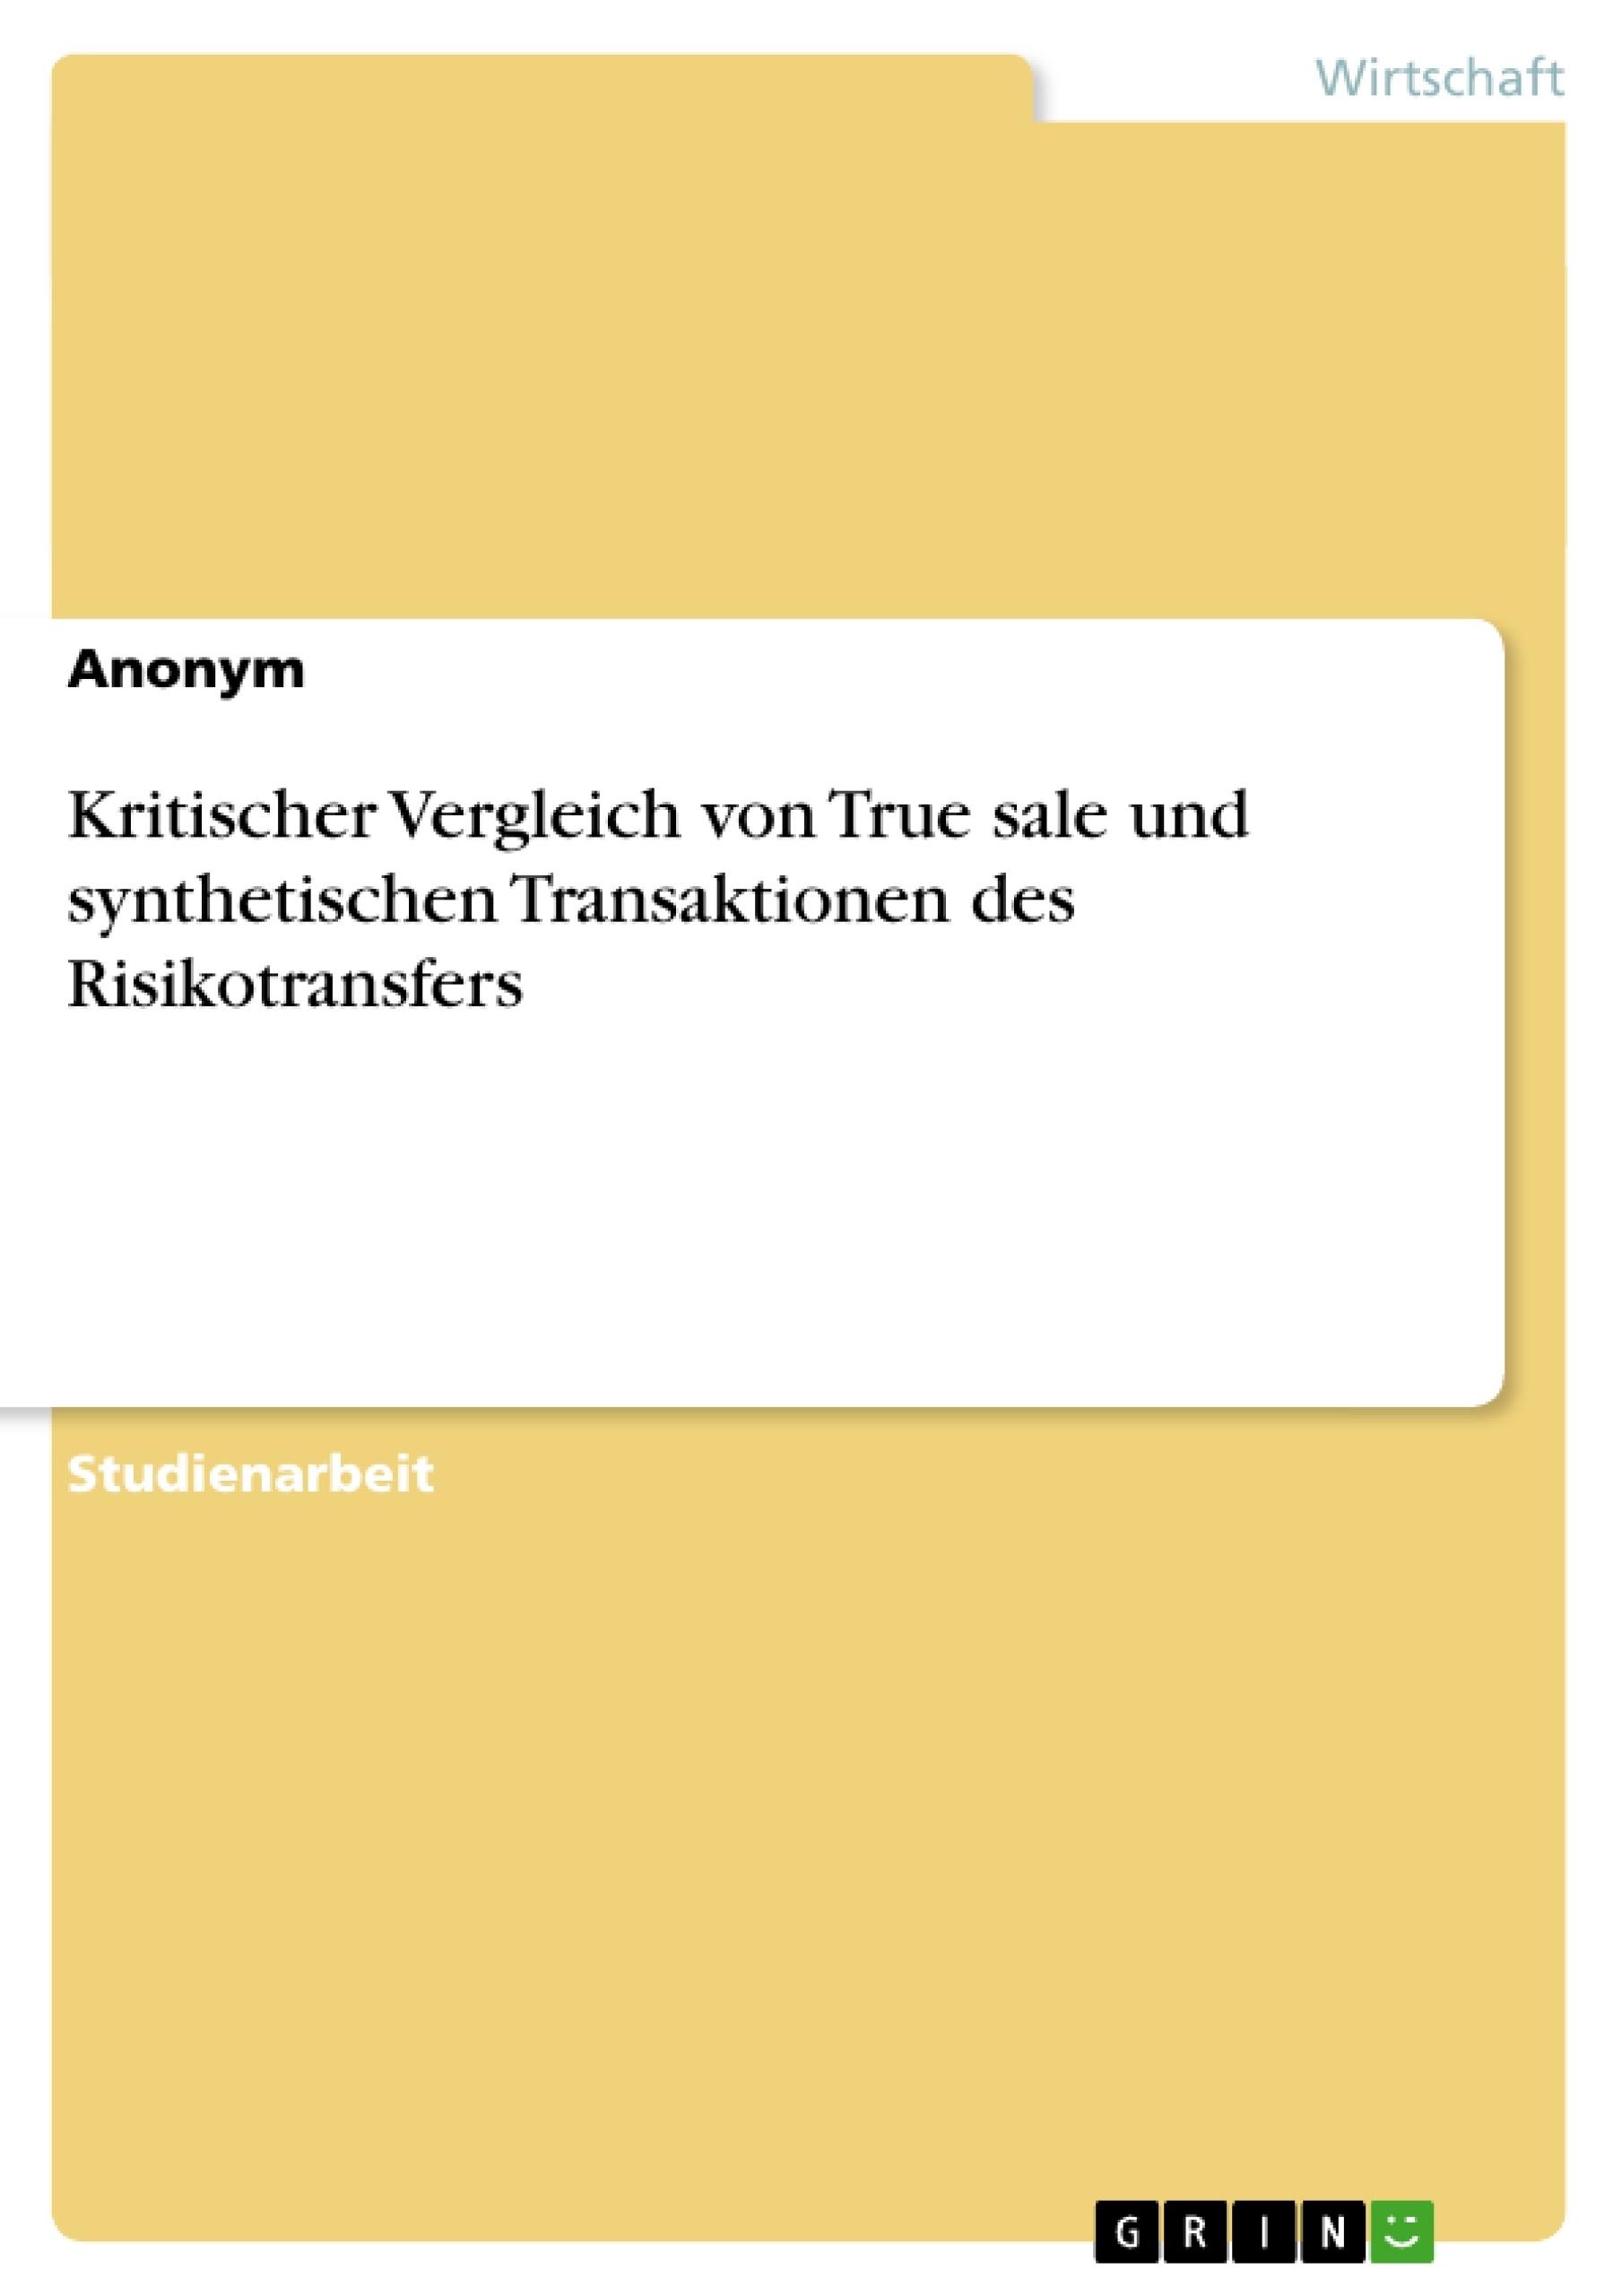 Titel: Kritischer Vergleich von True sale und synthetischen Transaktionen des Risikotransfers